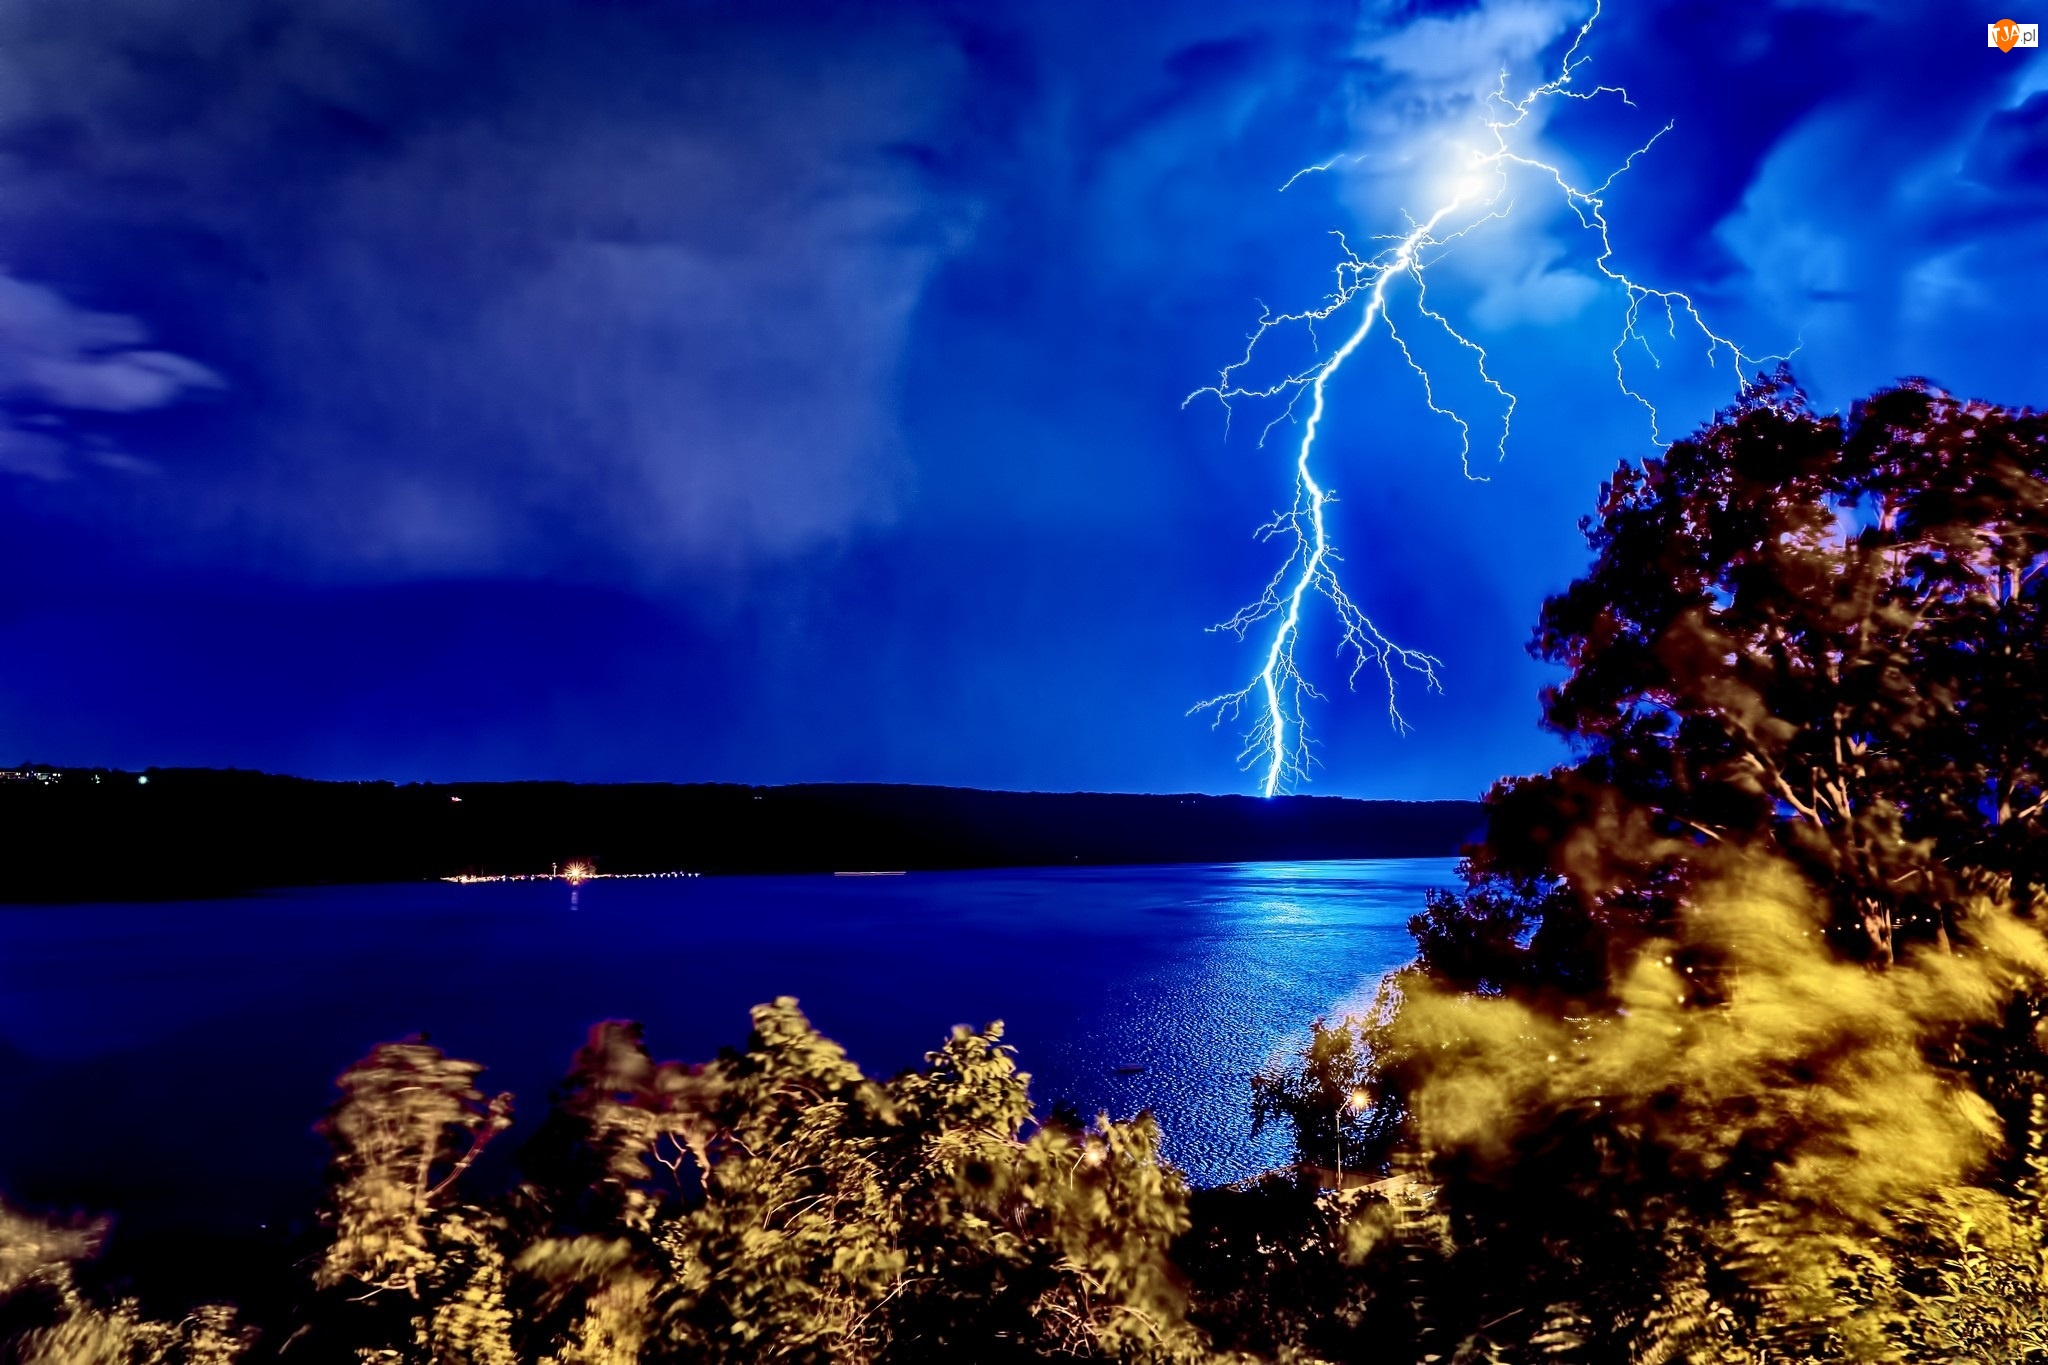 Burza, Rzeka, Błyskawica, Noc